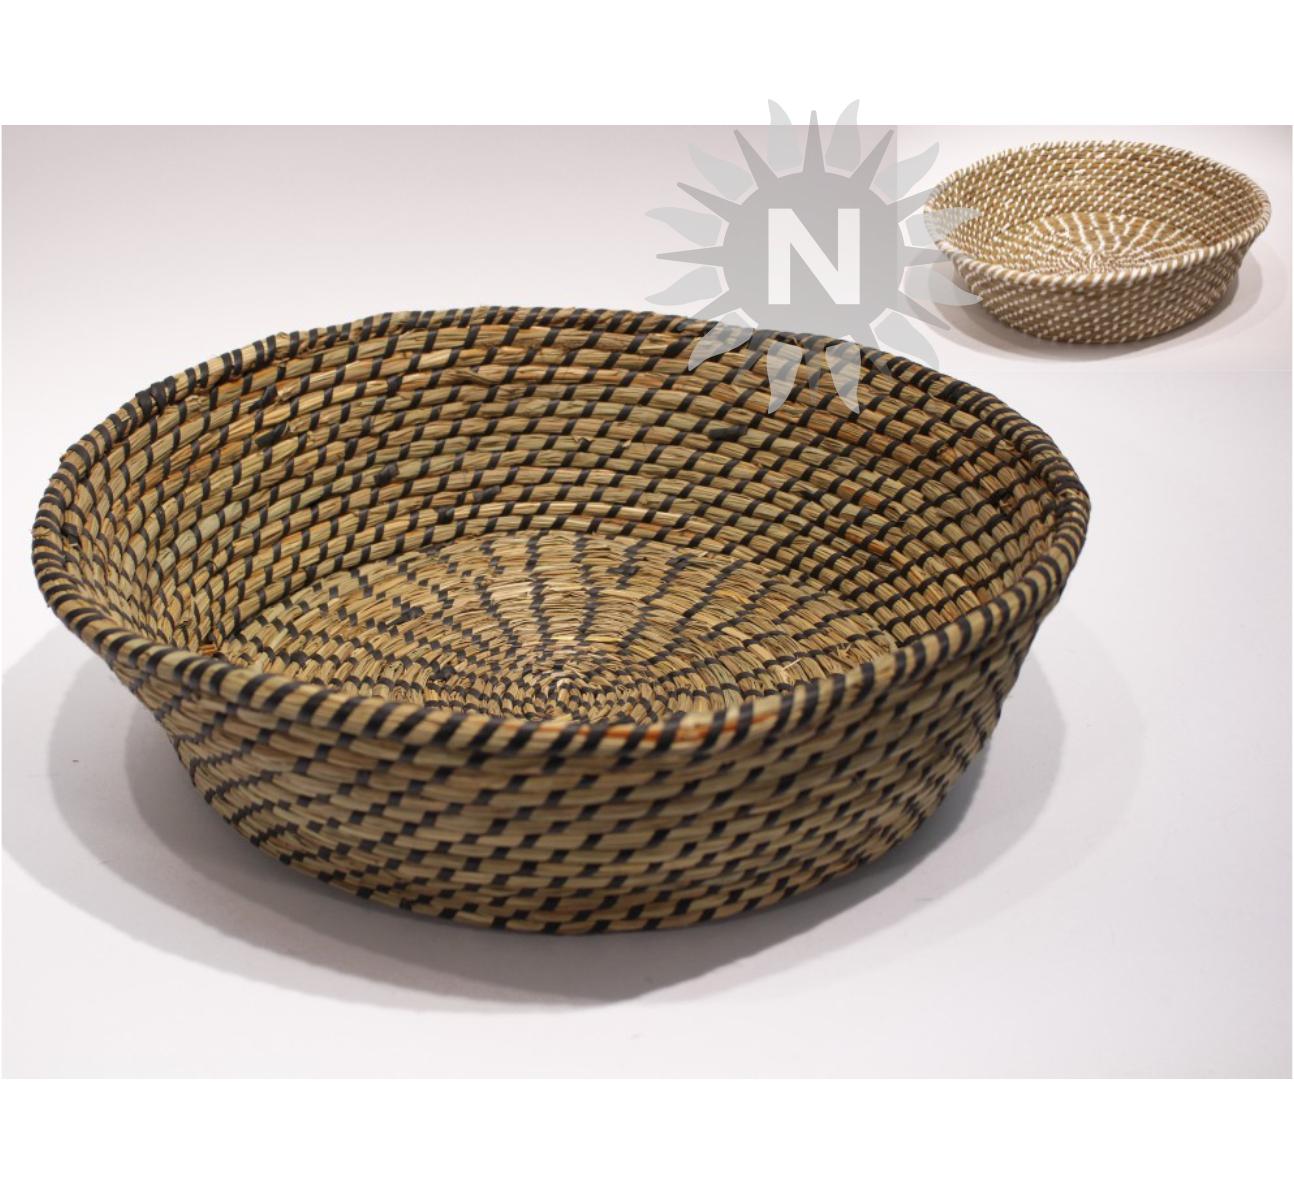 korb seegras good rope braid korb rund mittel with korb seegras best schwarze natrlichen. Black Bedroom Furniture Sets. Home Design Ideas